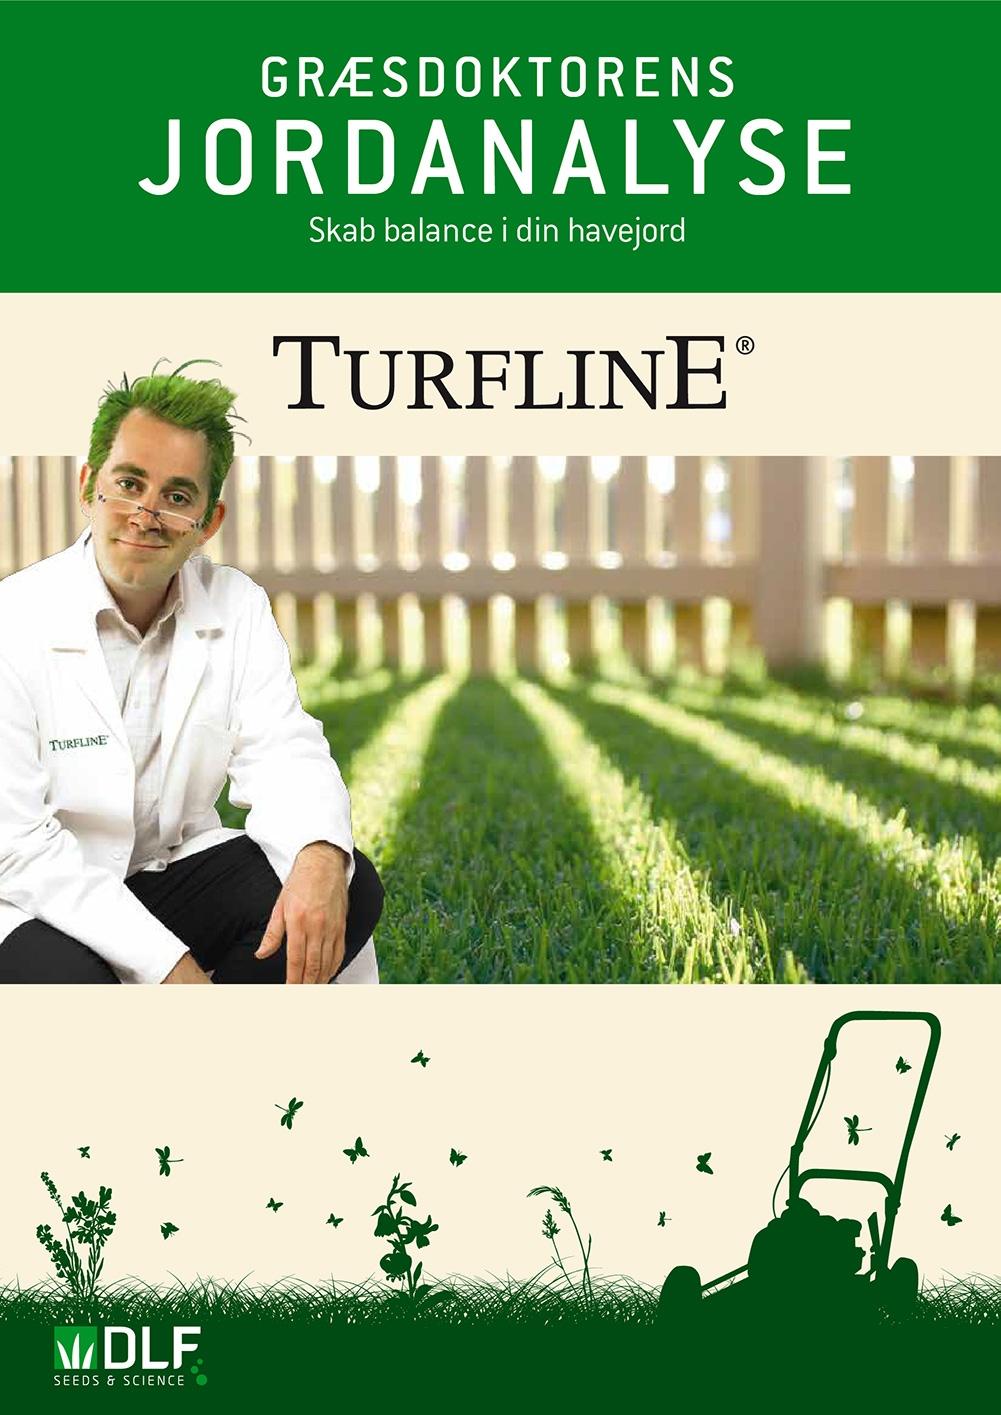 Turfline Jordanalyse - gødningsplan